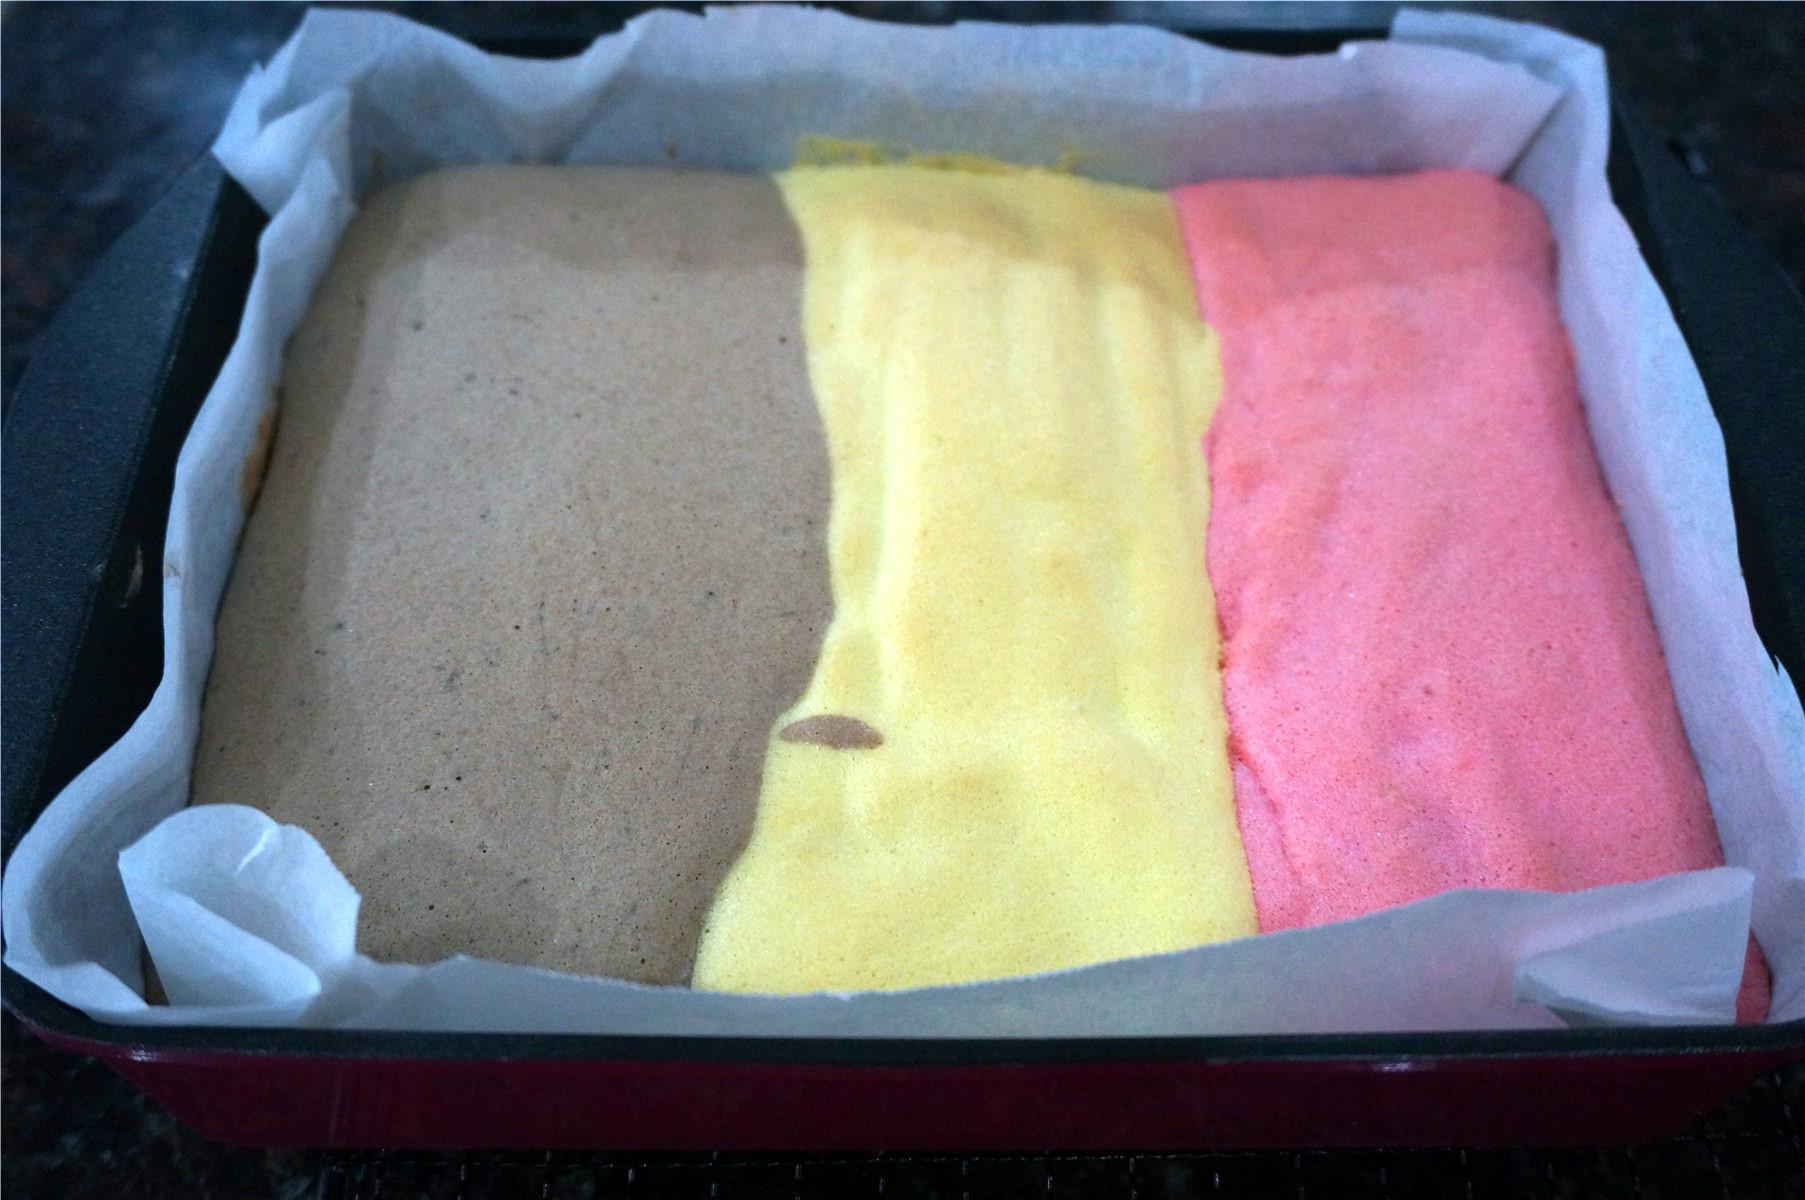 高清下载 德国国旗高清图片 巴西国旗高清图片